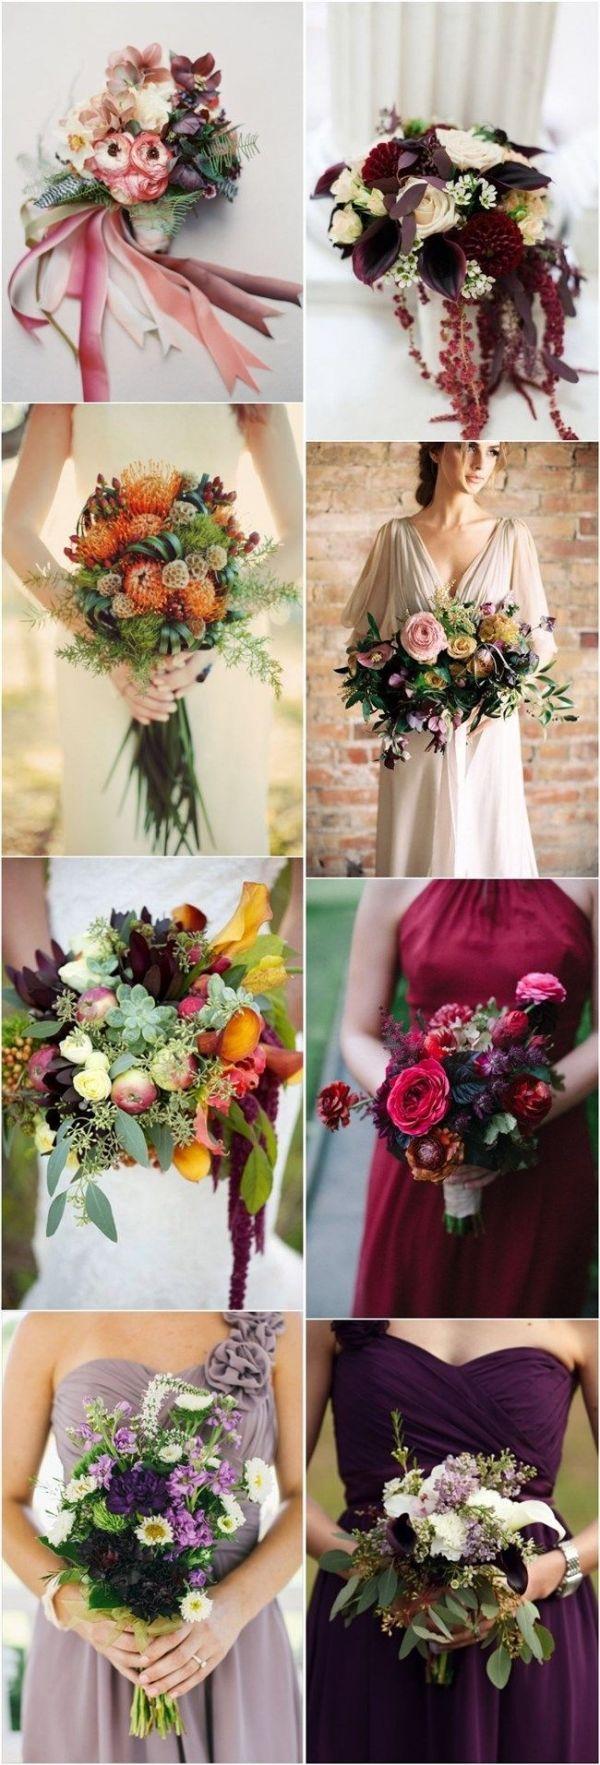 Kwiaty Na Slub Jesienia Inspirujace Bukiety Slubne Fall Flower Wedding Bouquets Fall Wedding Flowers Orange Wedding Flowers